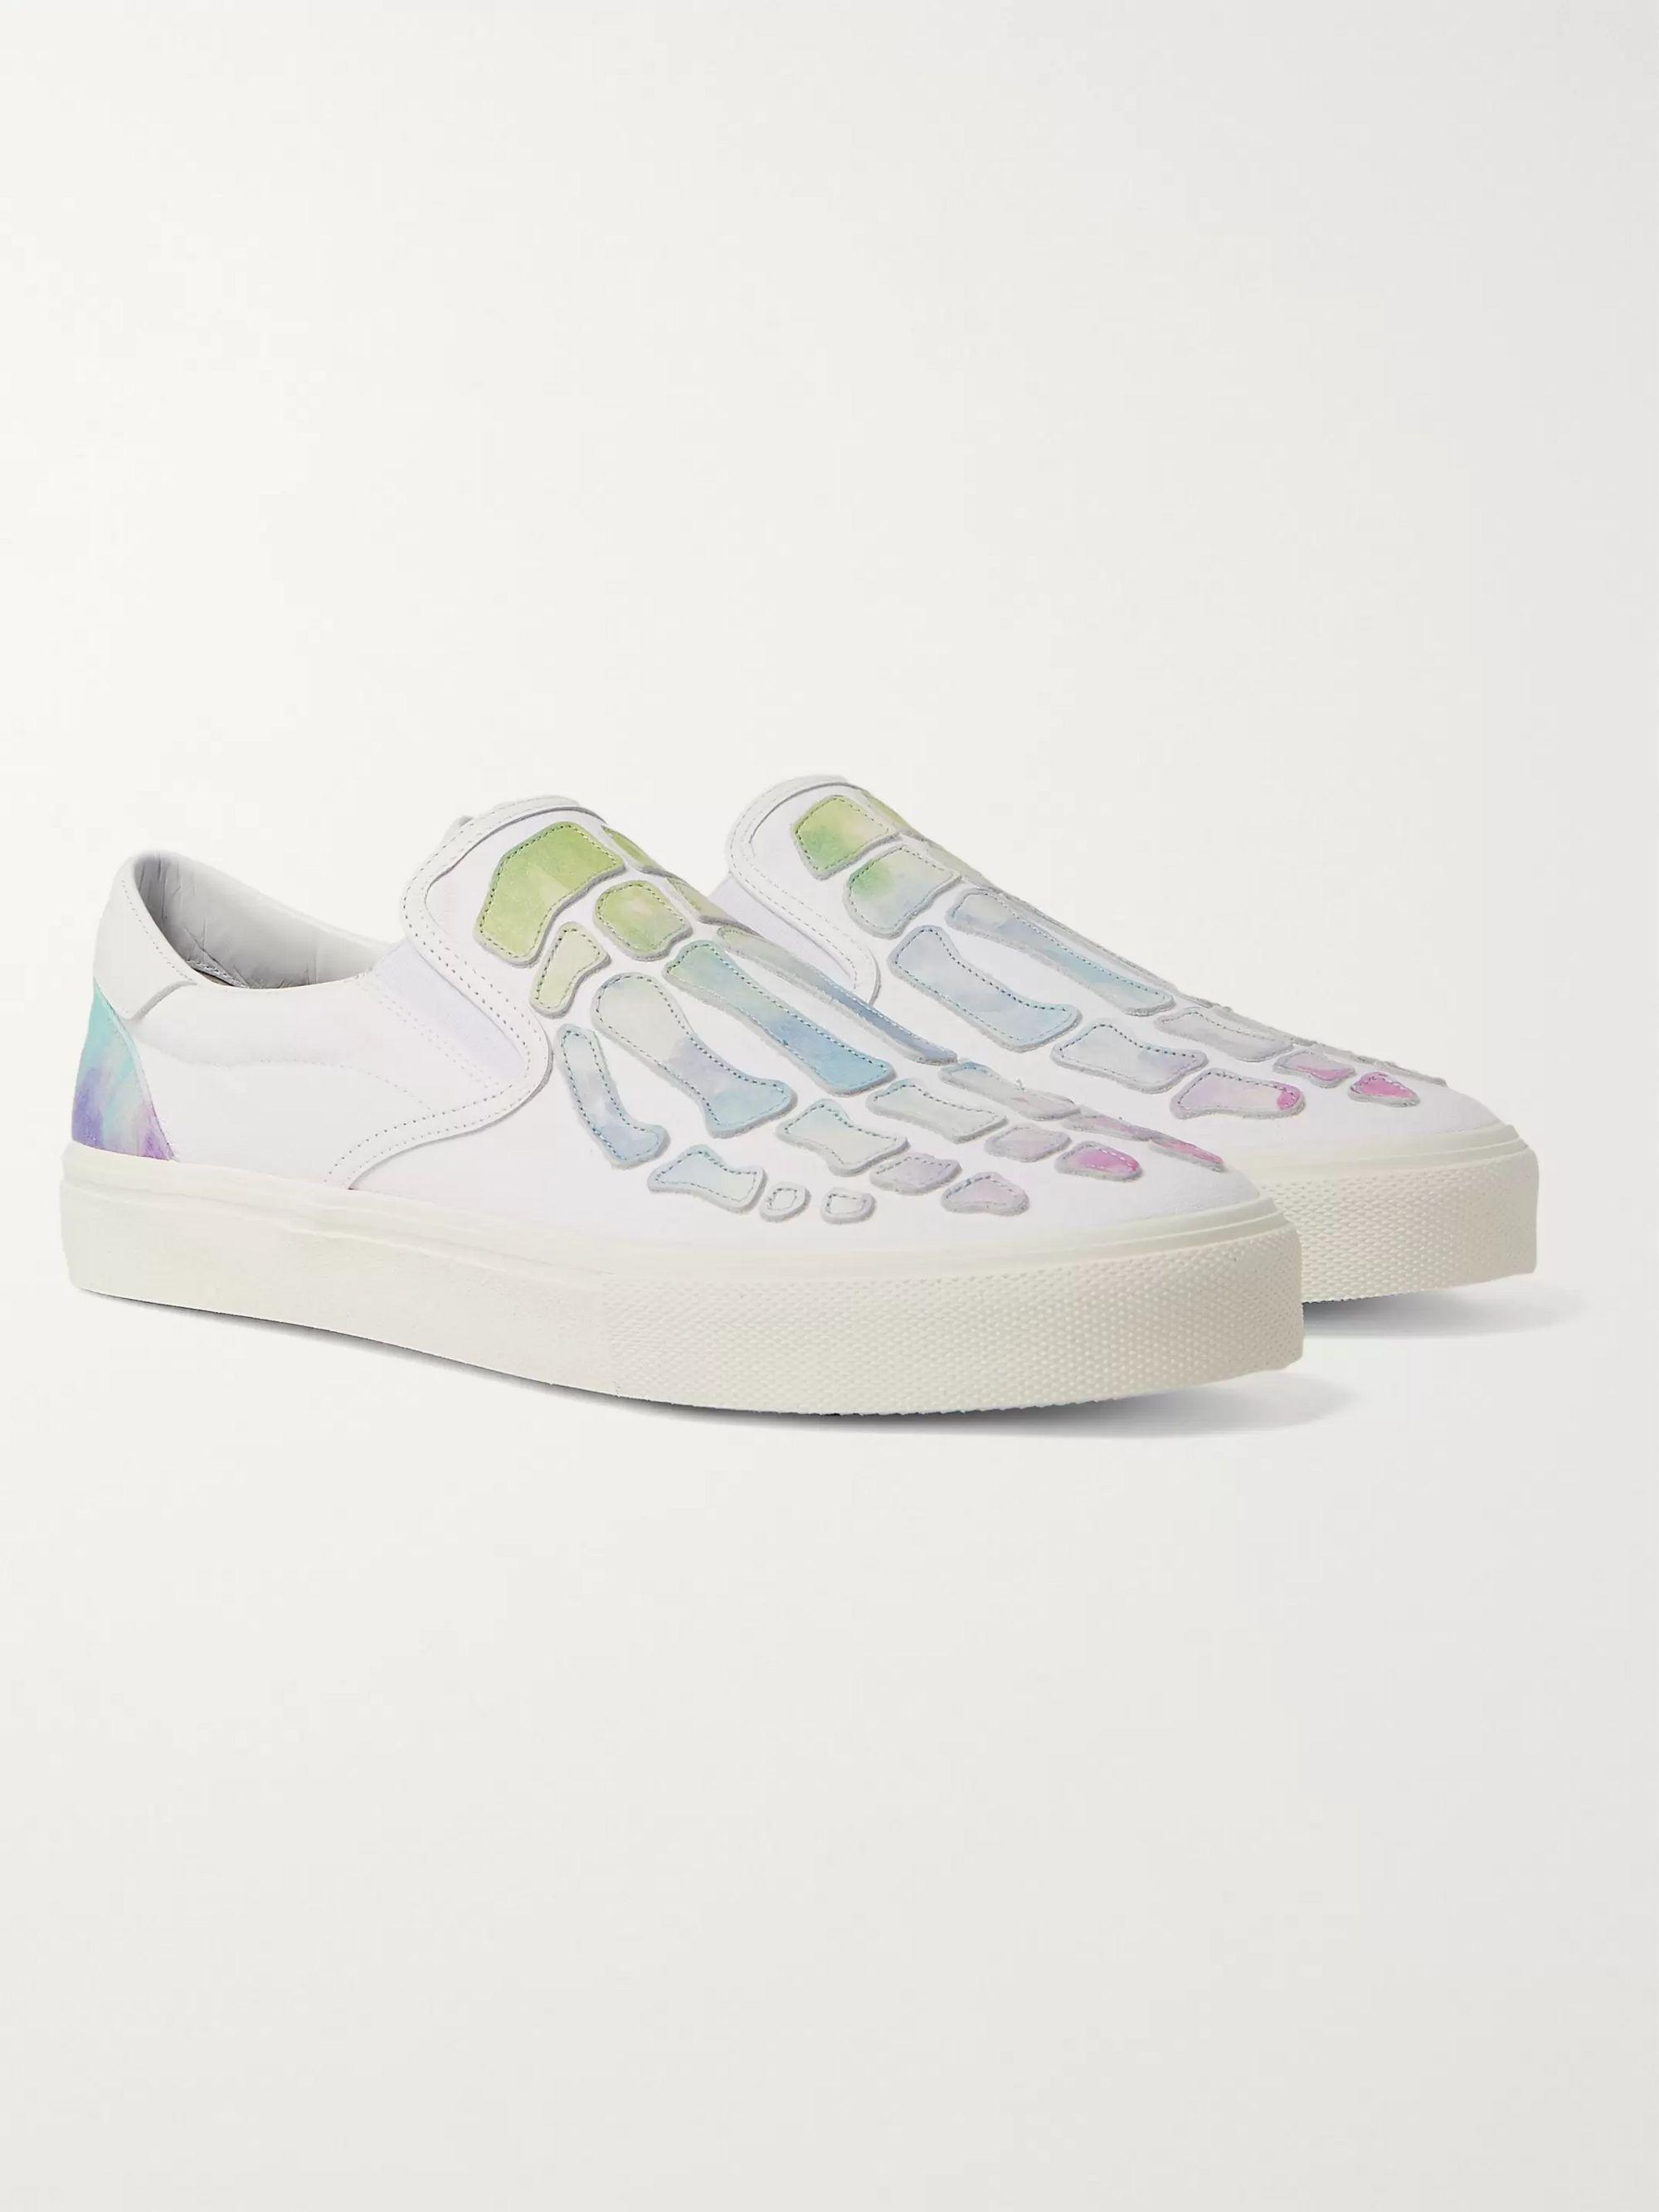 아미리 Amiri Skel Toe Tie-Dyed Leather-Appliqued Canvas Slip-On Sneakers,White